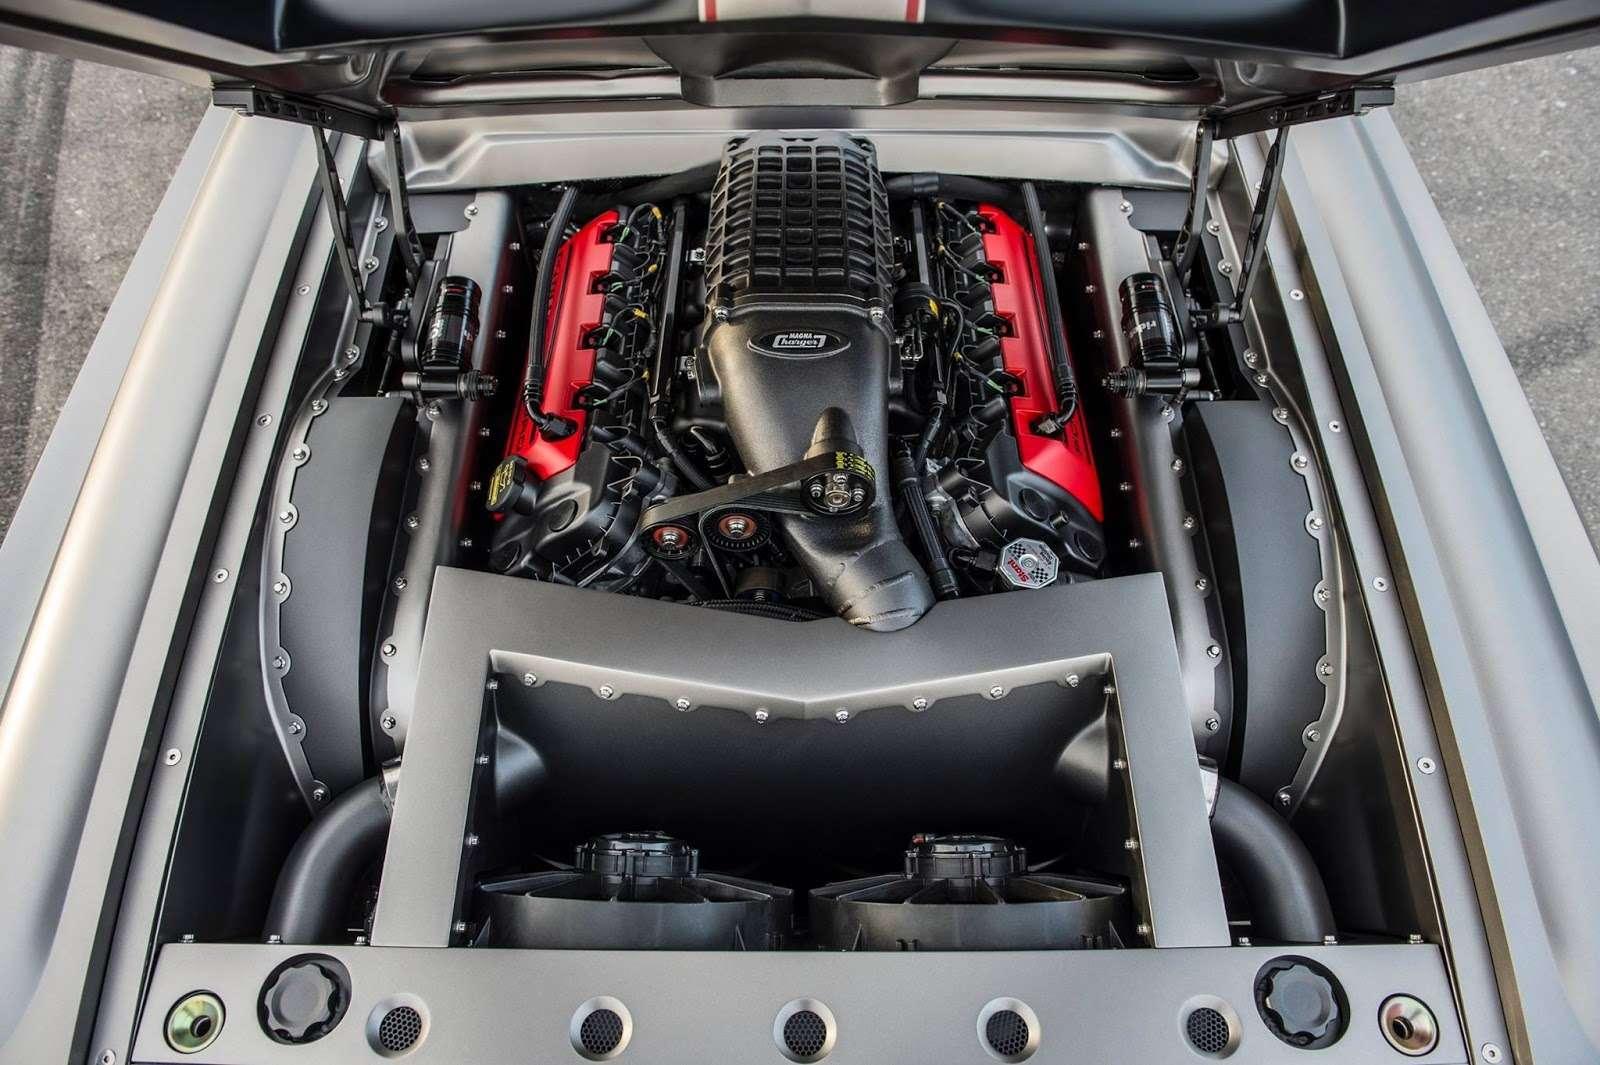 Конь Горыныч: 1000-сильный Ford Mustang стройным наддувом— фото 658604